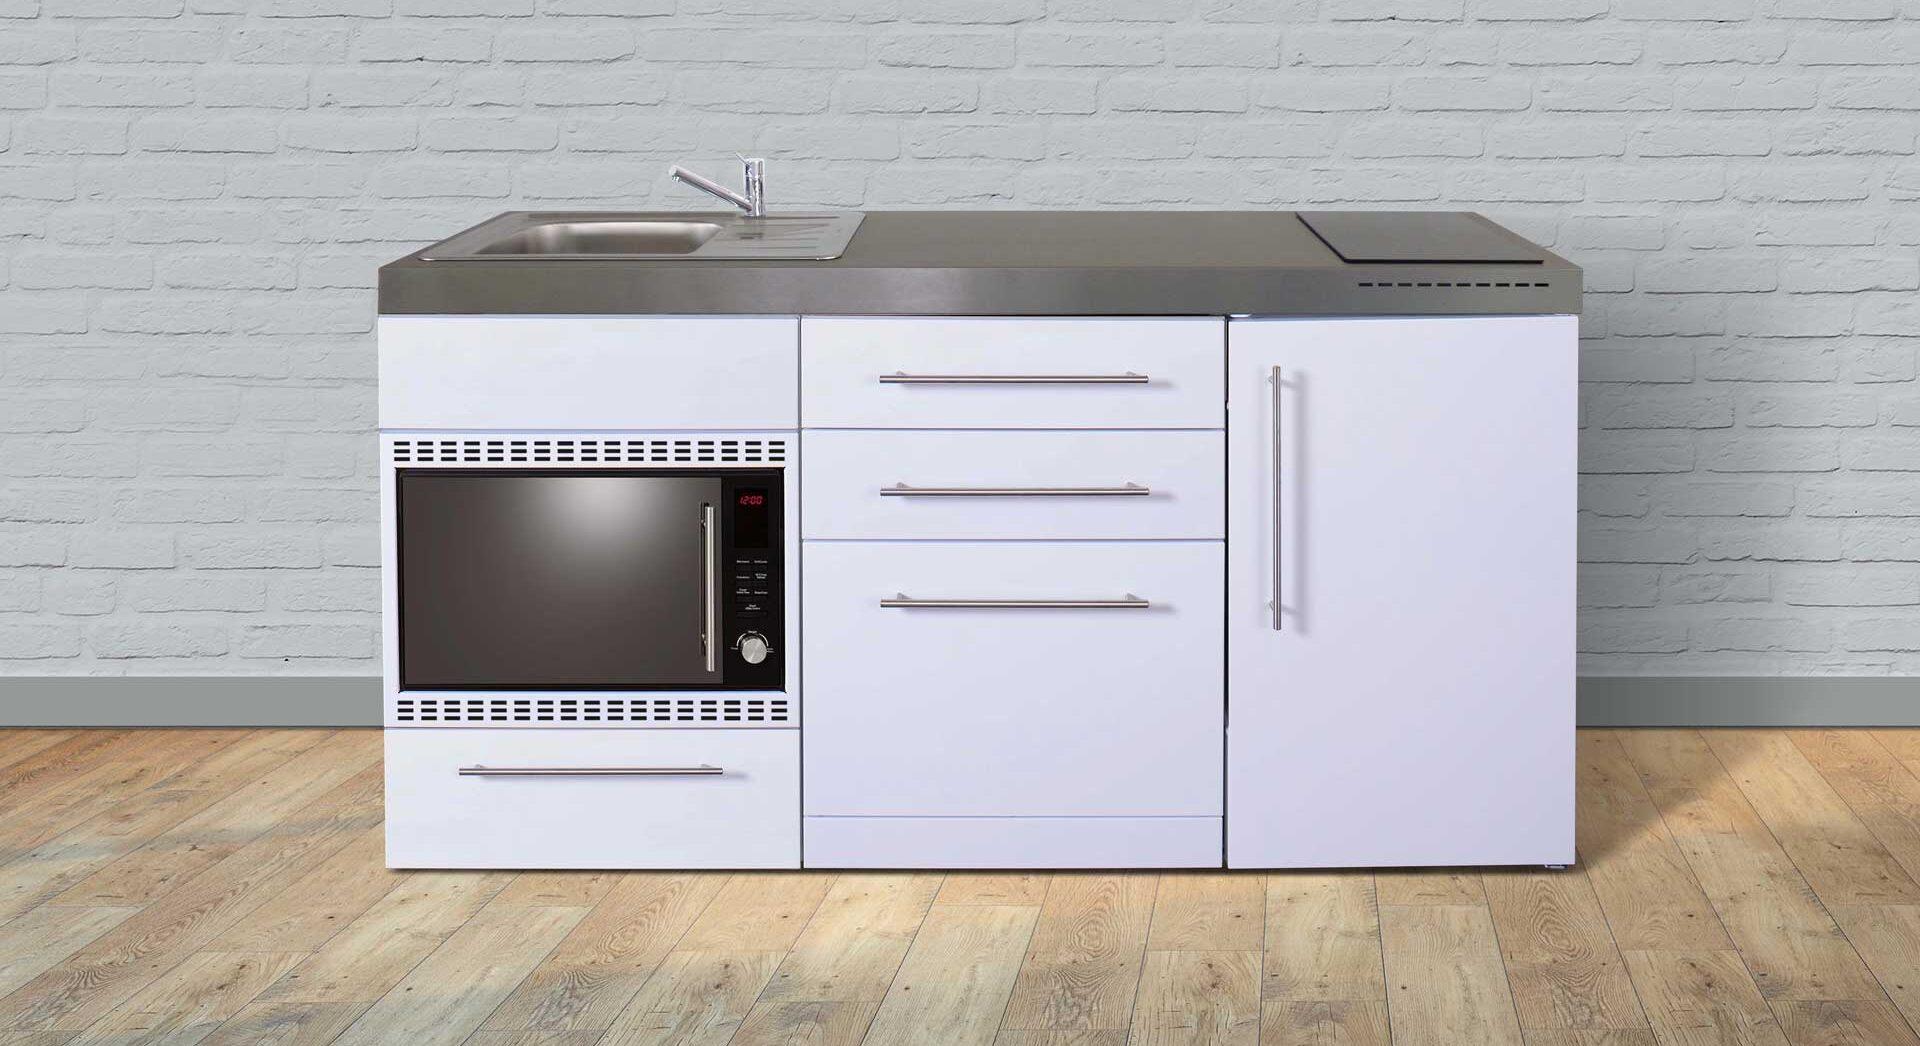 MPGSMOS 170 minikøkken i rustfrit stål - fuldt udstyret med hvidevarer. Vælg mellem 8 elegante farver. Inkl. køleskab m. frys, opvaskemaskine, mikroovn/ovn, induktionskogeplader mm.